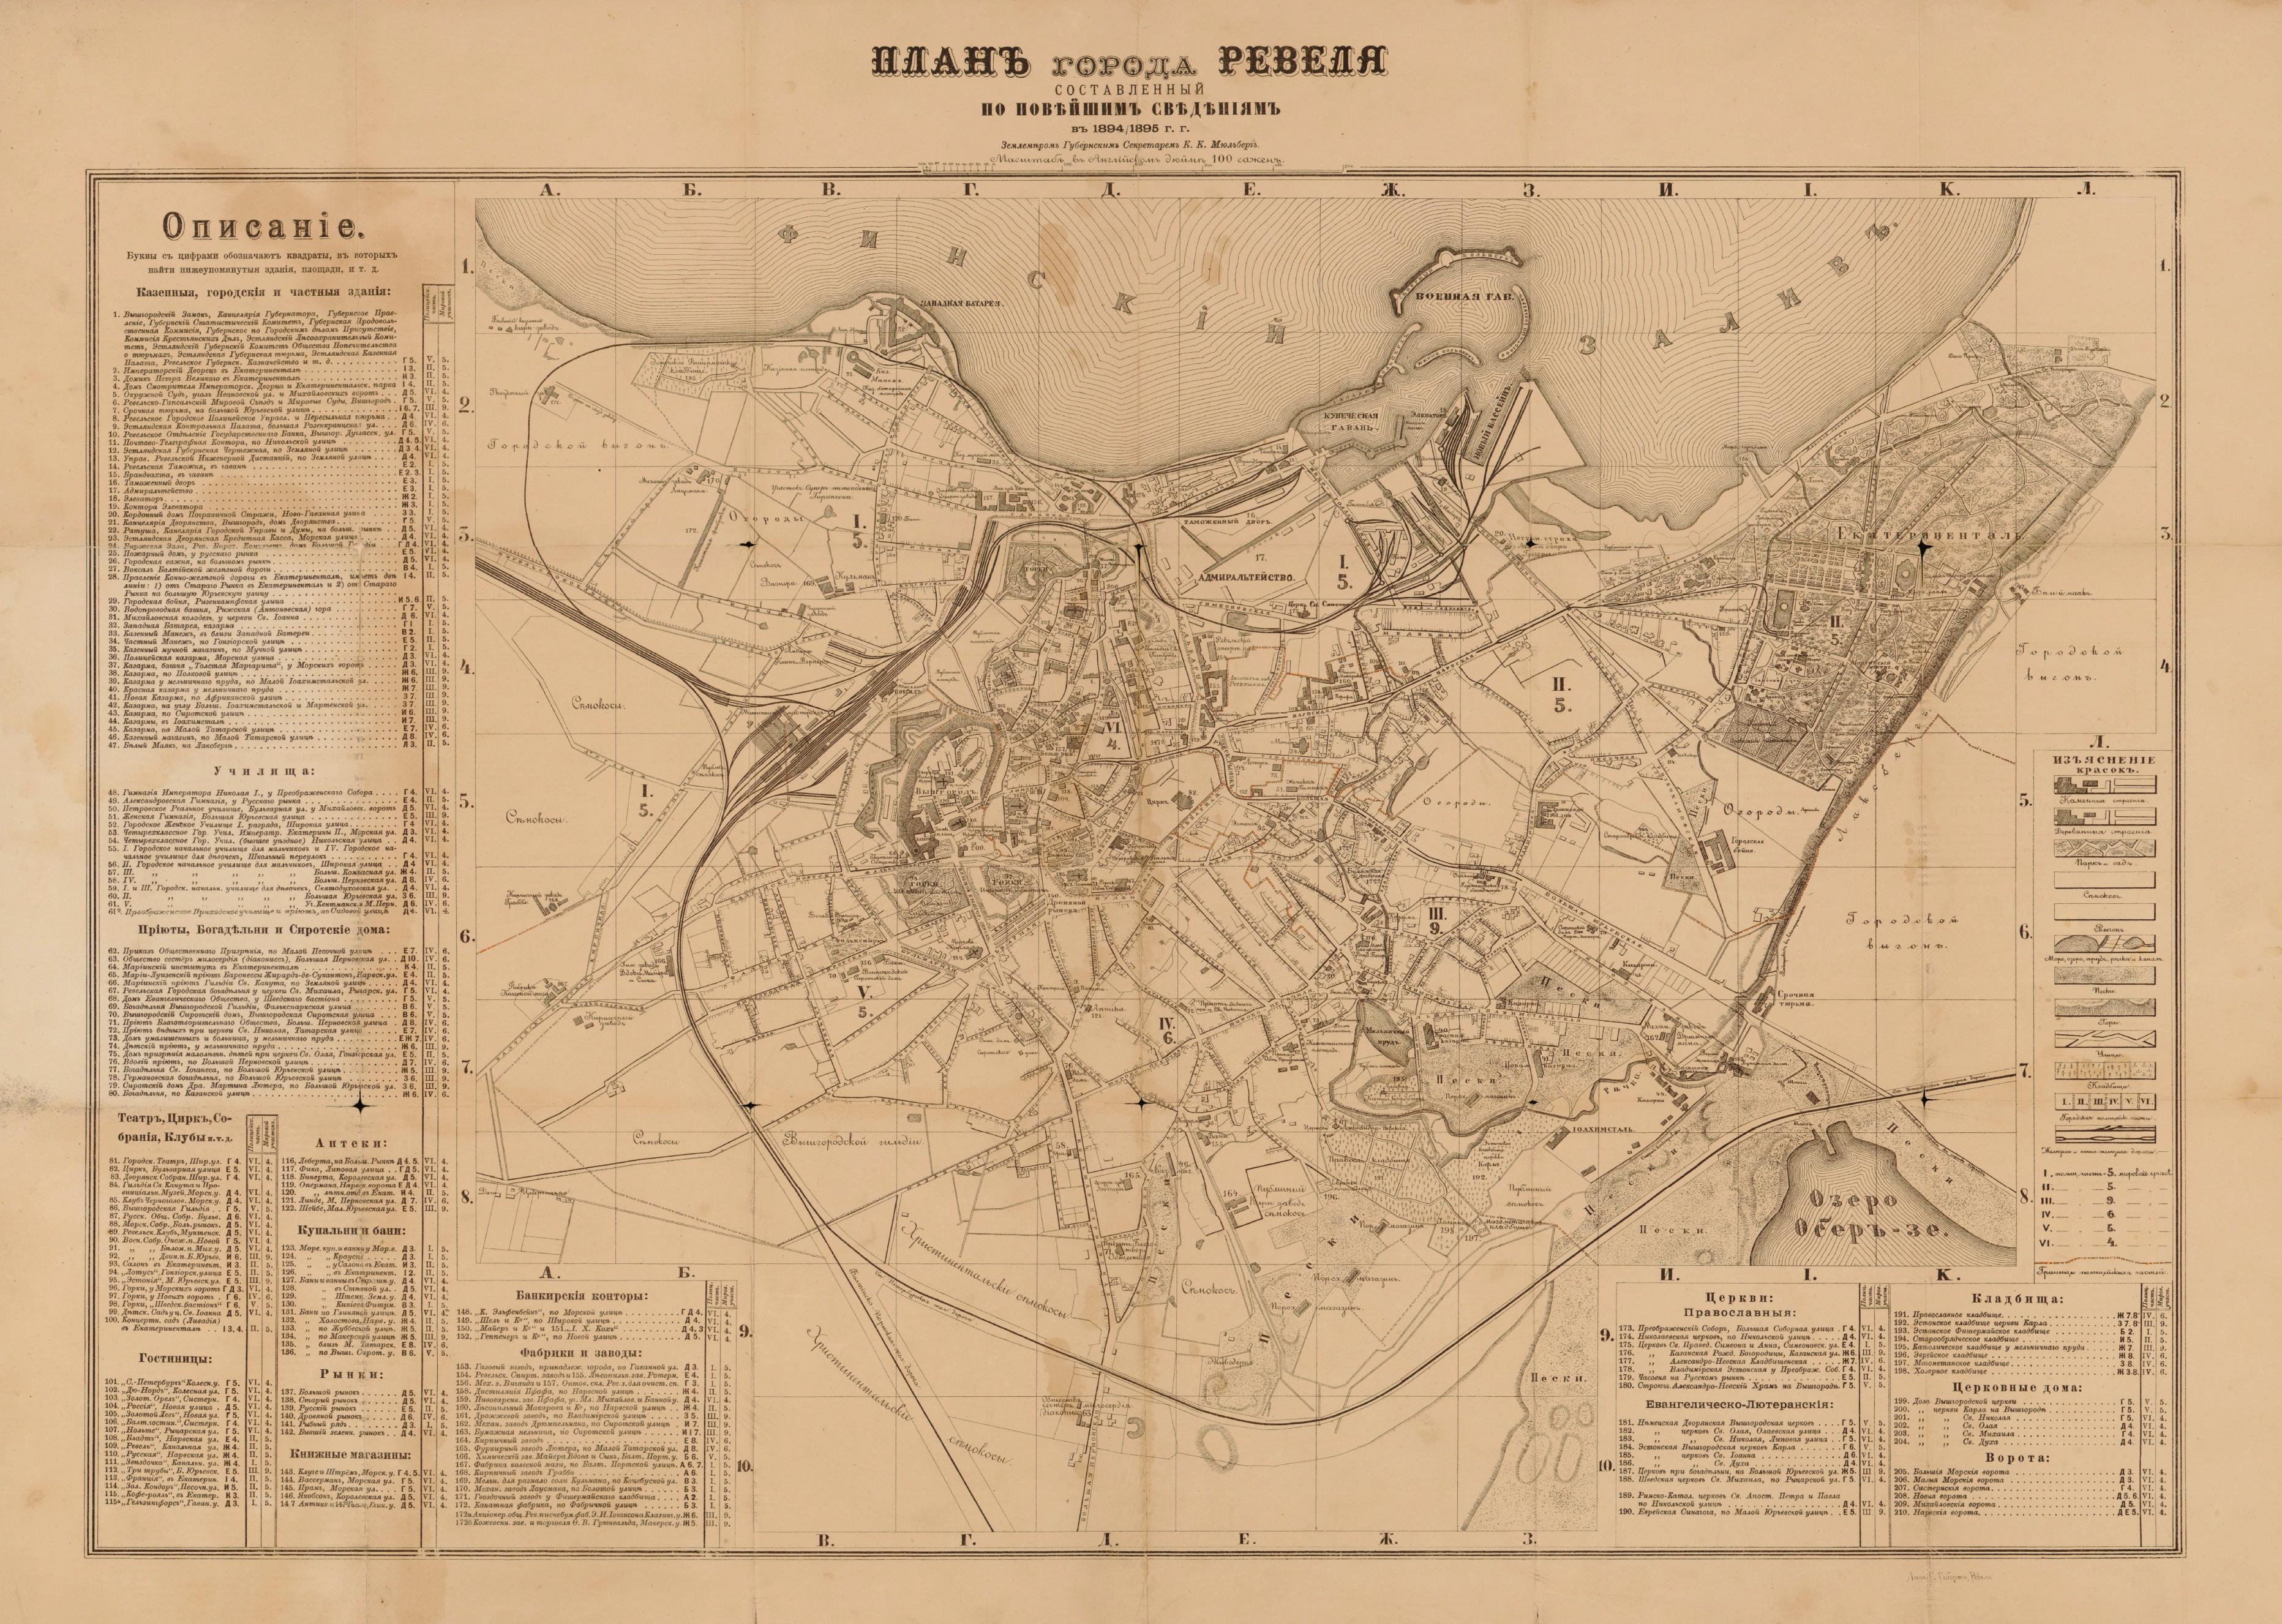 1894-1895. План города Ревеля  составленный по новейшим сведениям